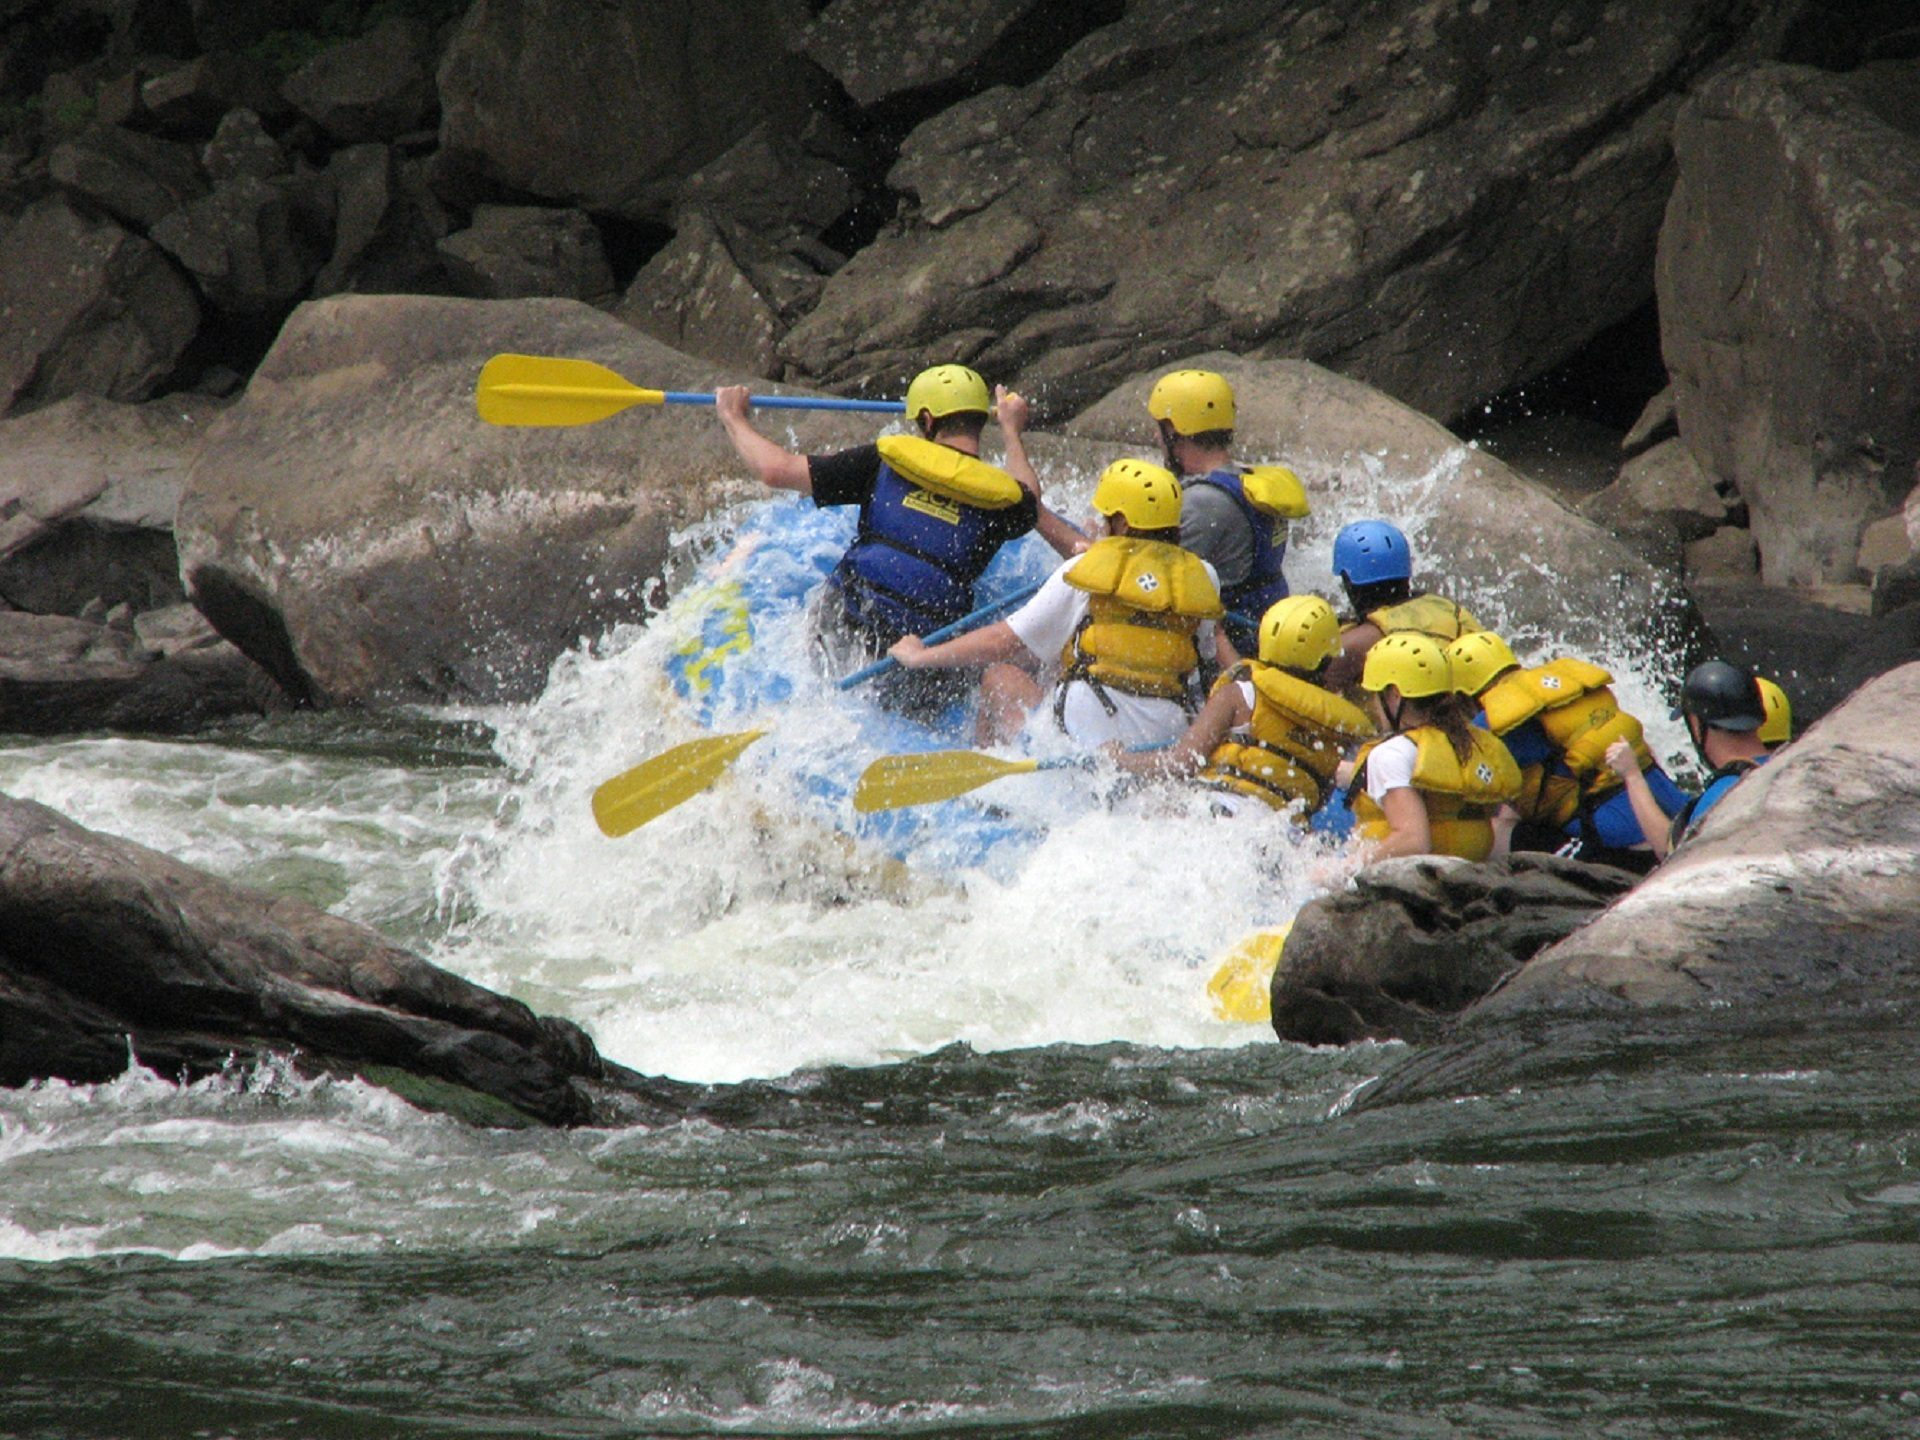 ράφτινγκ, γρήγορη, Ποταμός, Περιπέτεια, κινδύνου, νερό - Wallpapers HD - Professor-falken.com